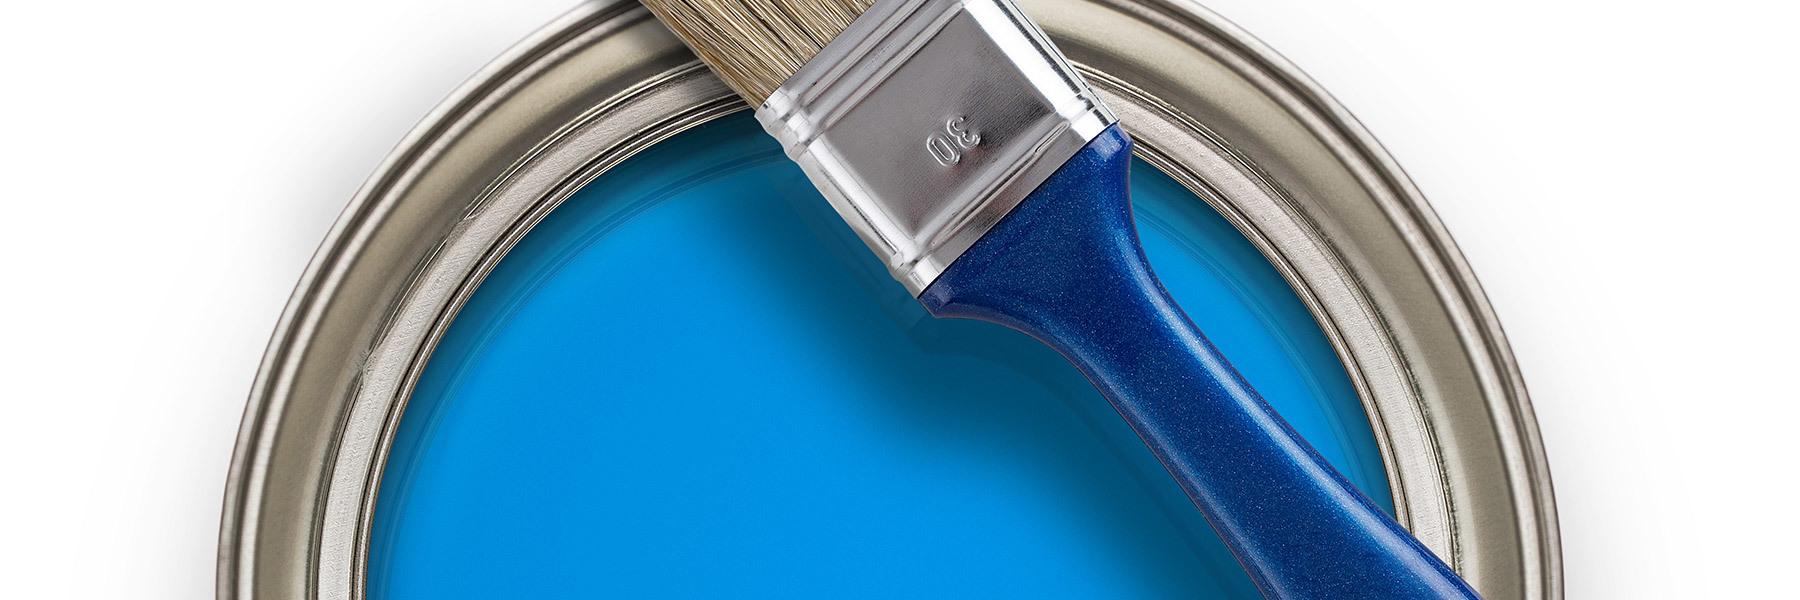 cropped-pintura-de-casas-imagem-titulo-8